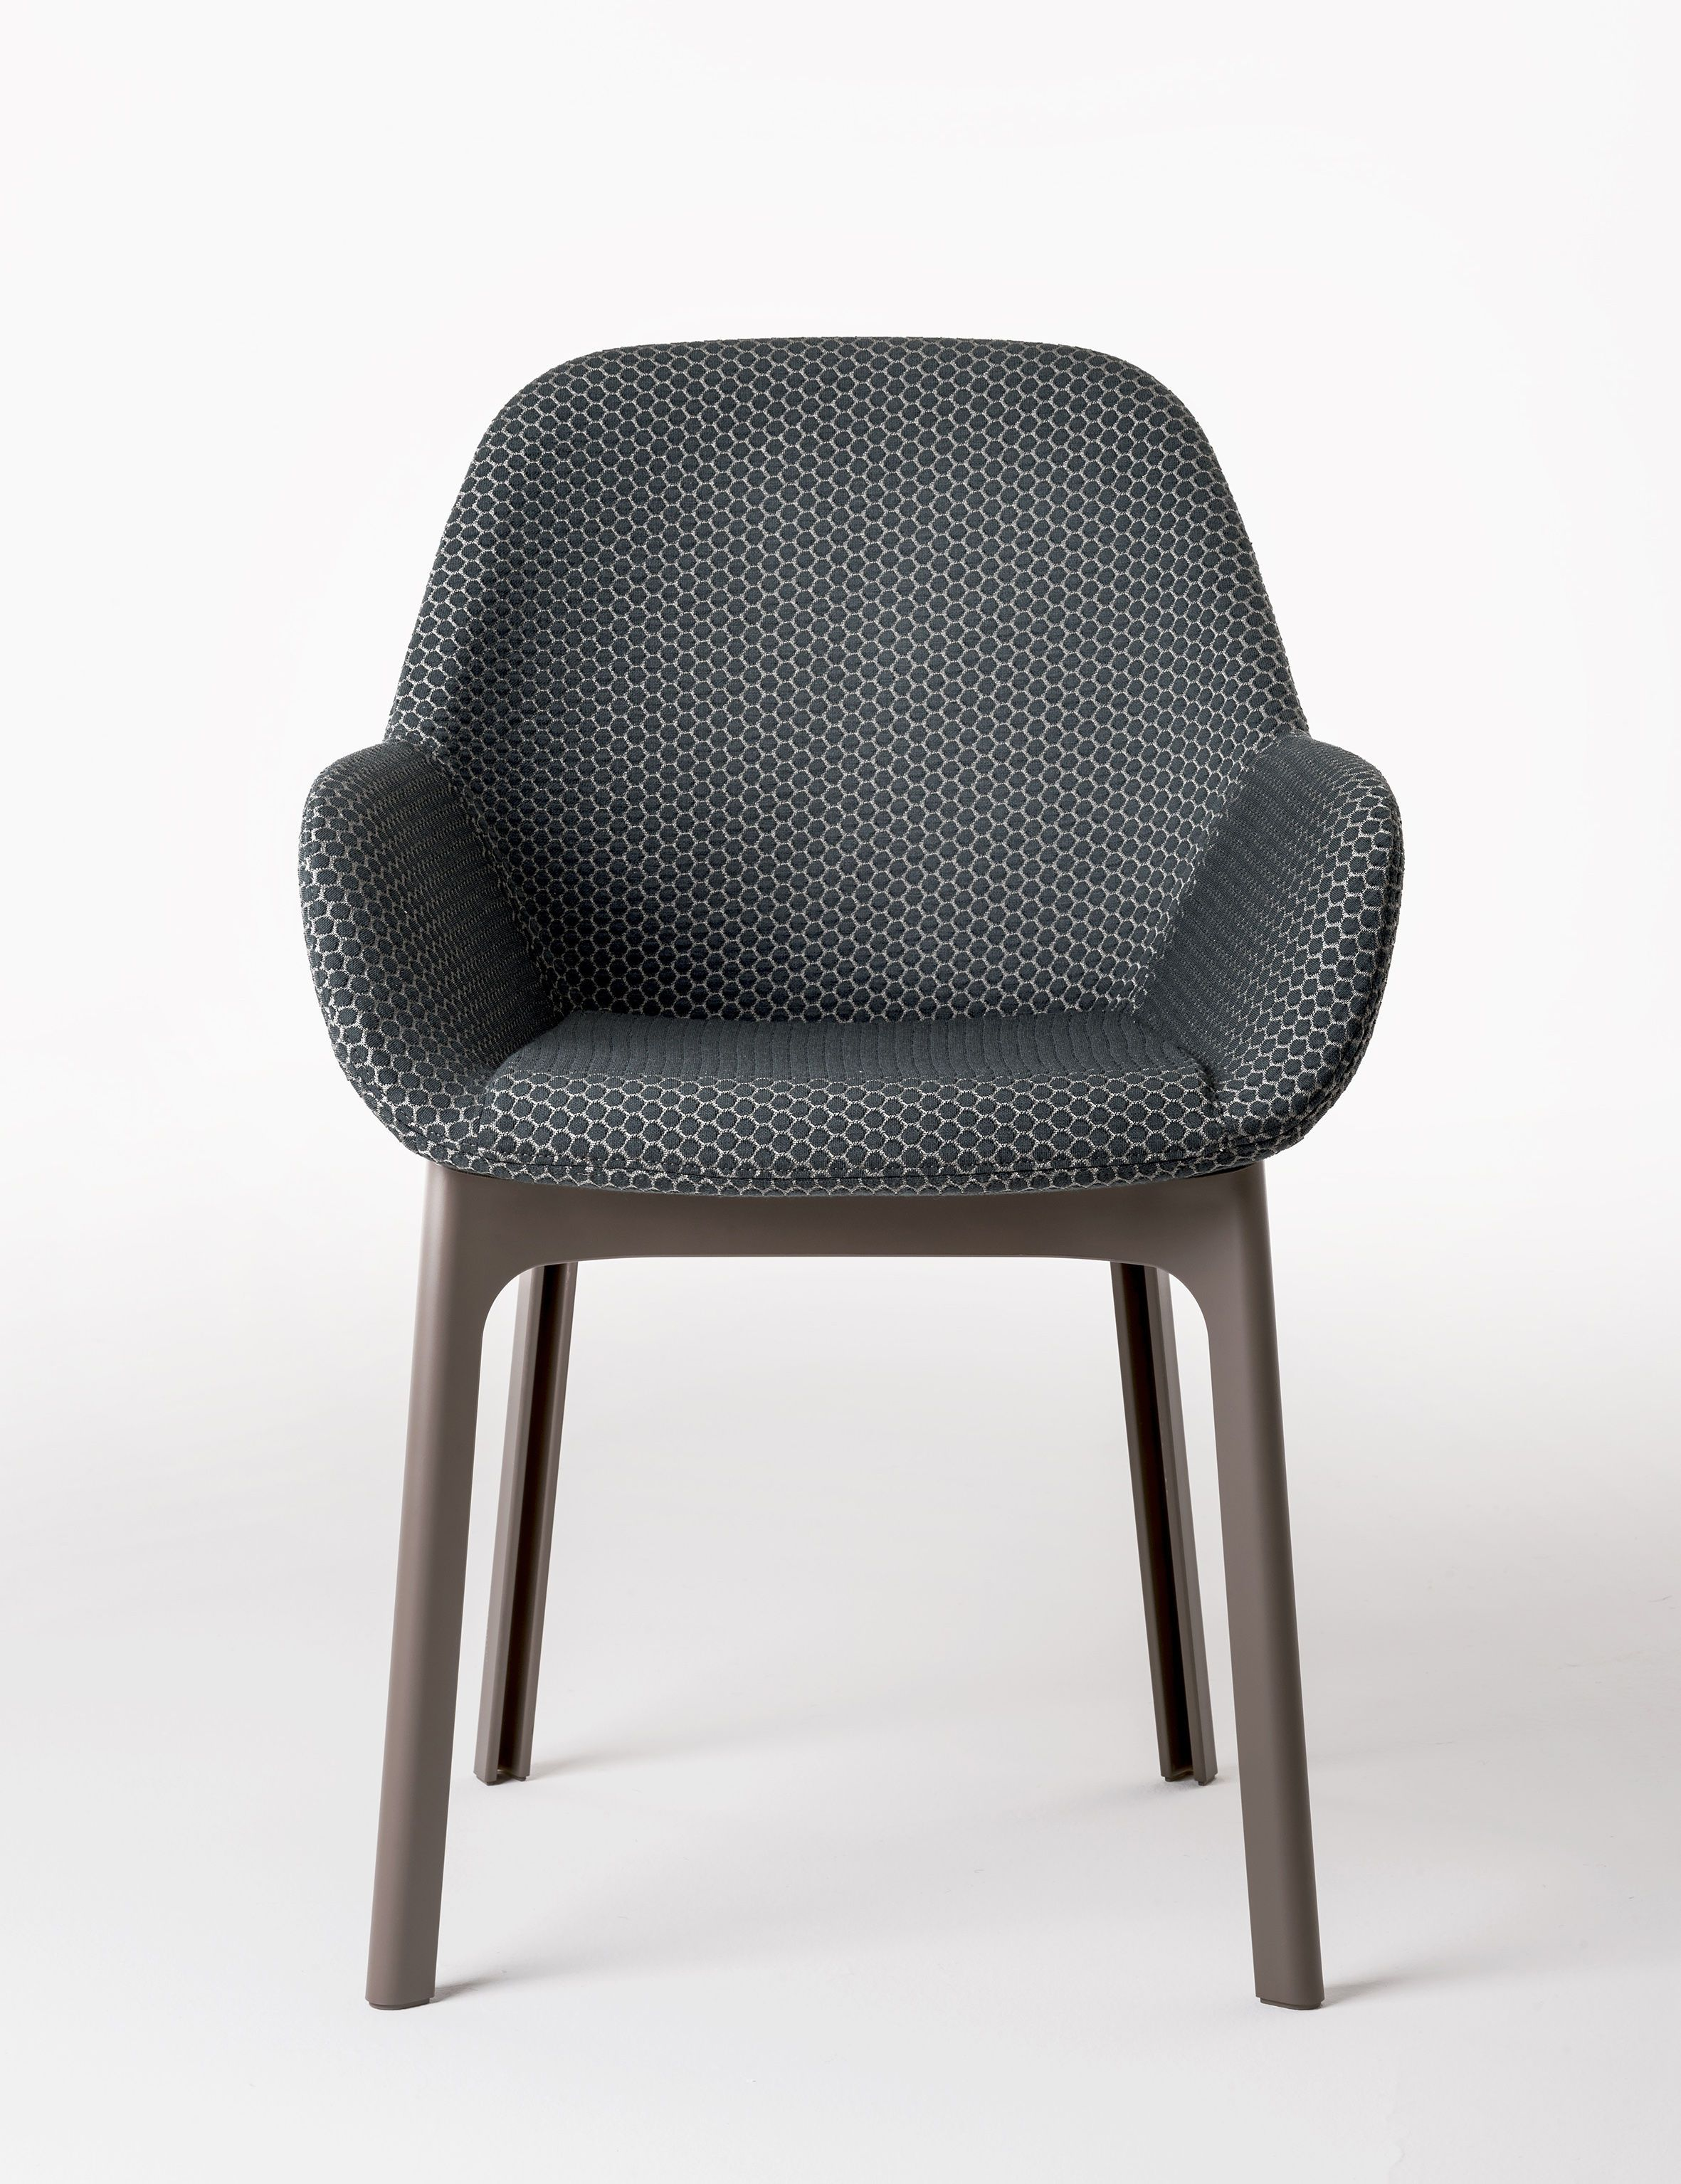 Impressionnant Chaise Fauteuil Tissu Décoration Française - Chaises en bois conforama pour idees de deco de cuisine